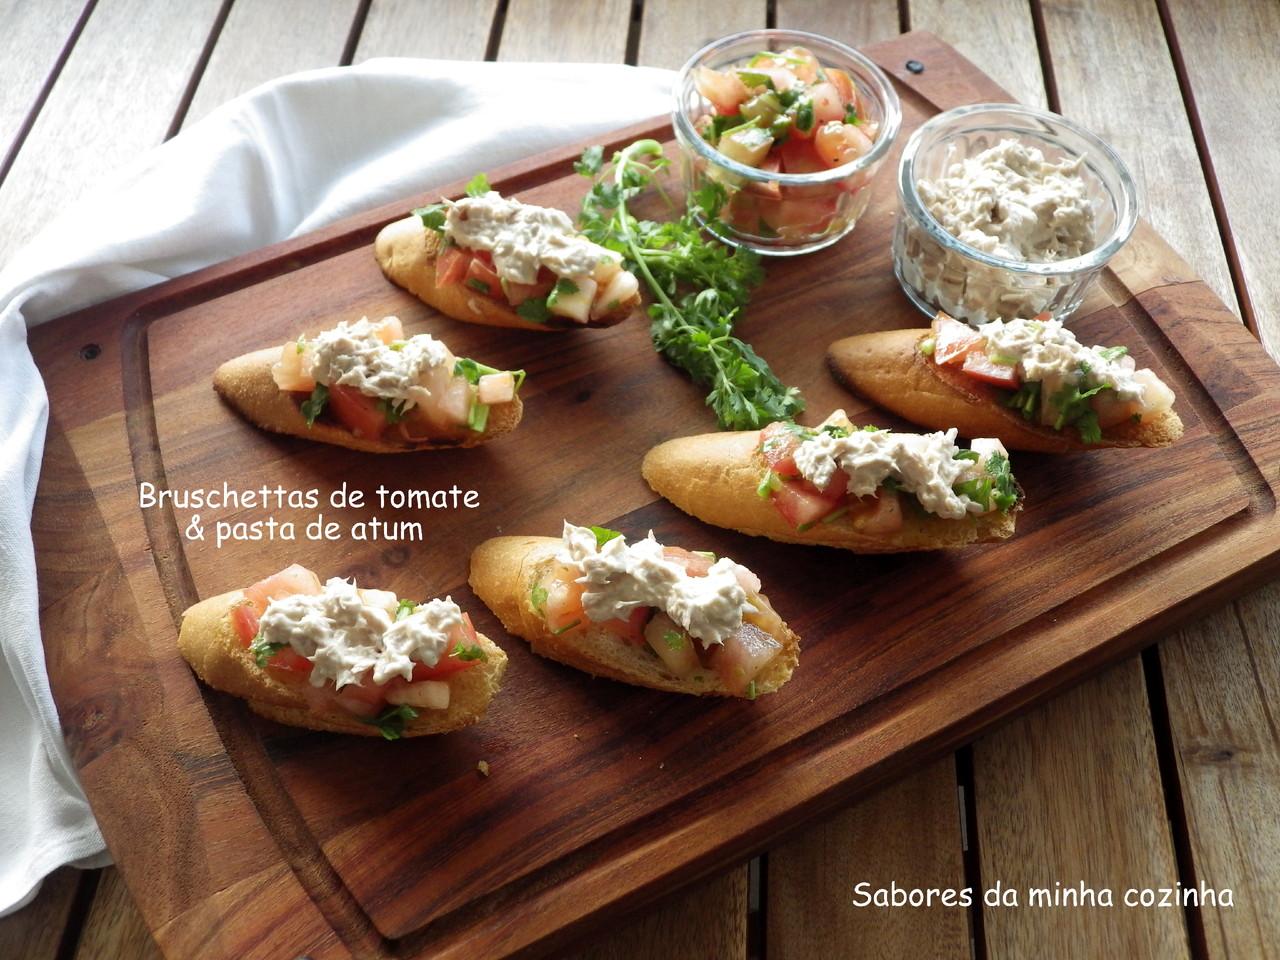 IMGP6322-Bruchettas com tomate & pasta de atum-Blo